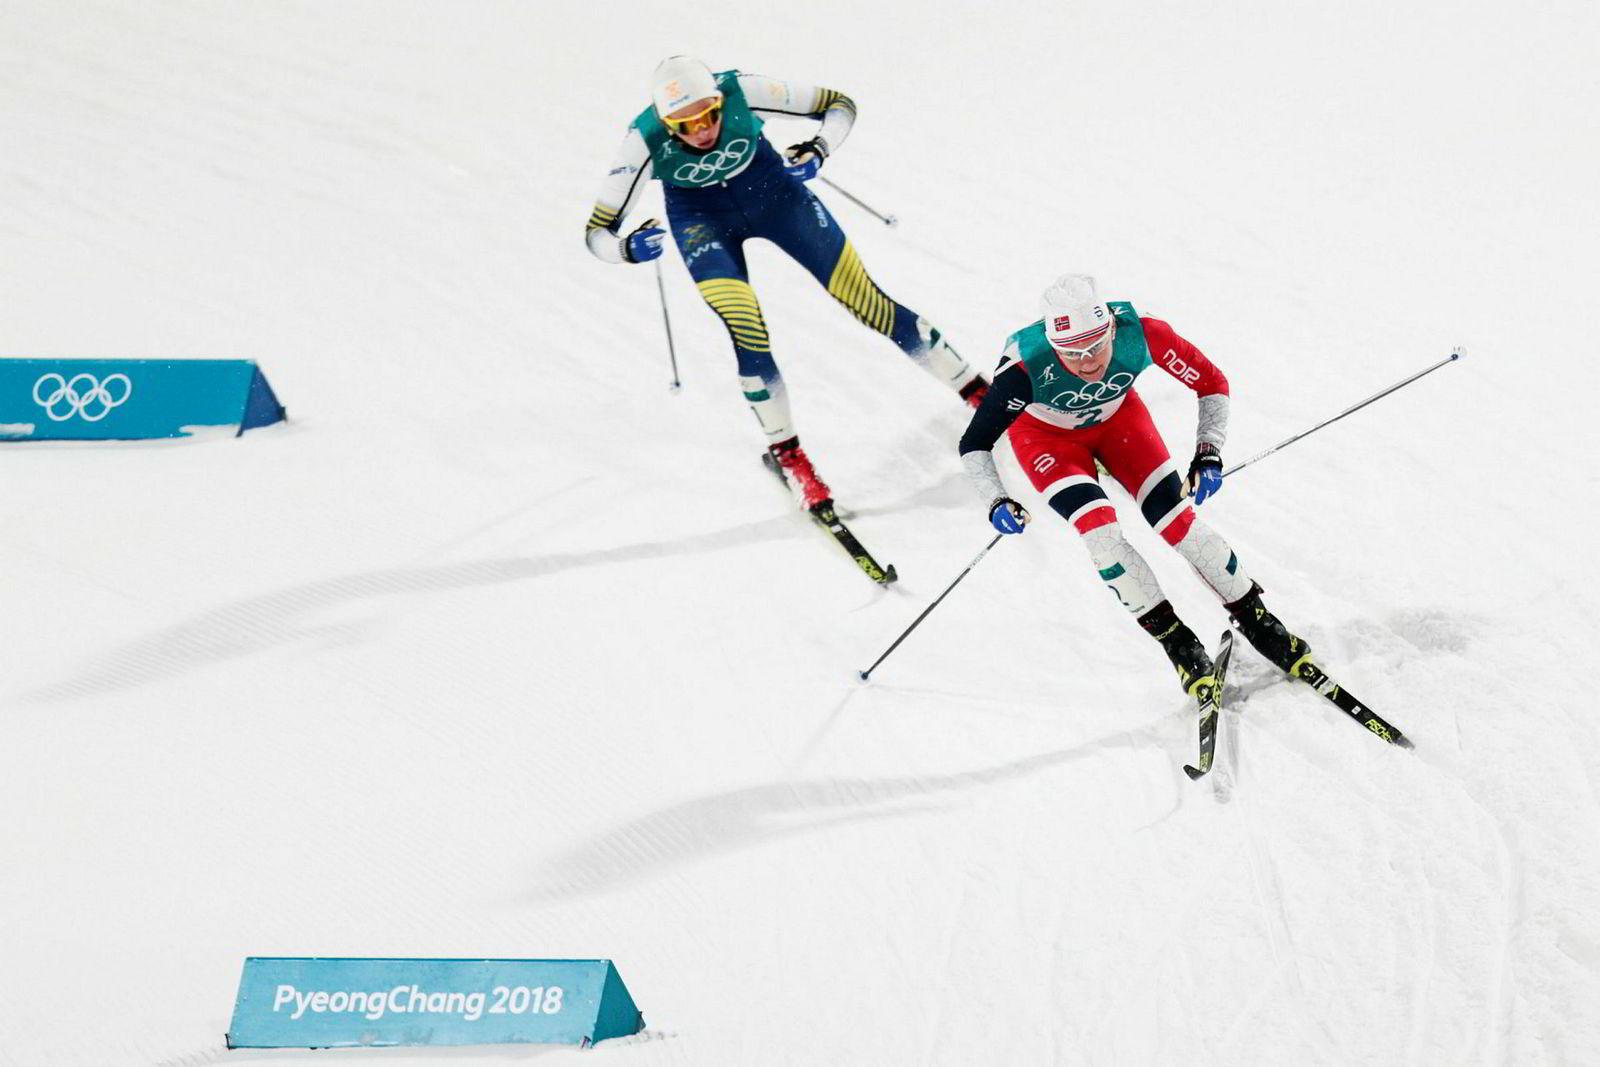 I kvinnefinalen var det Stina Nilsson som kjørte best i den siste utforkjøringen inn mot stadion i Pyeongchang. Inne på stadion hadde hun avgjort løpet til sin fordel. Her fra semifinalen mot der sølvvinner Maiken Caspersen Falla lå først.